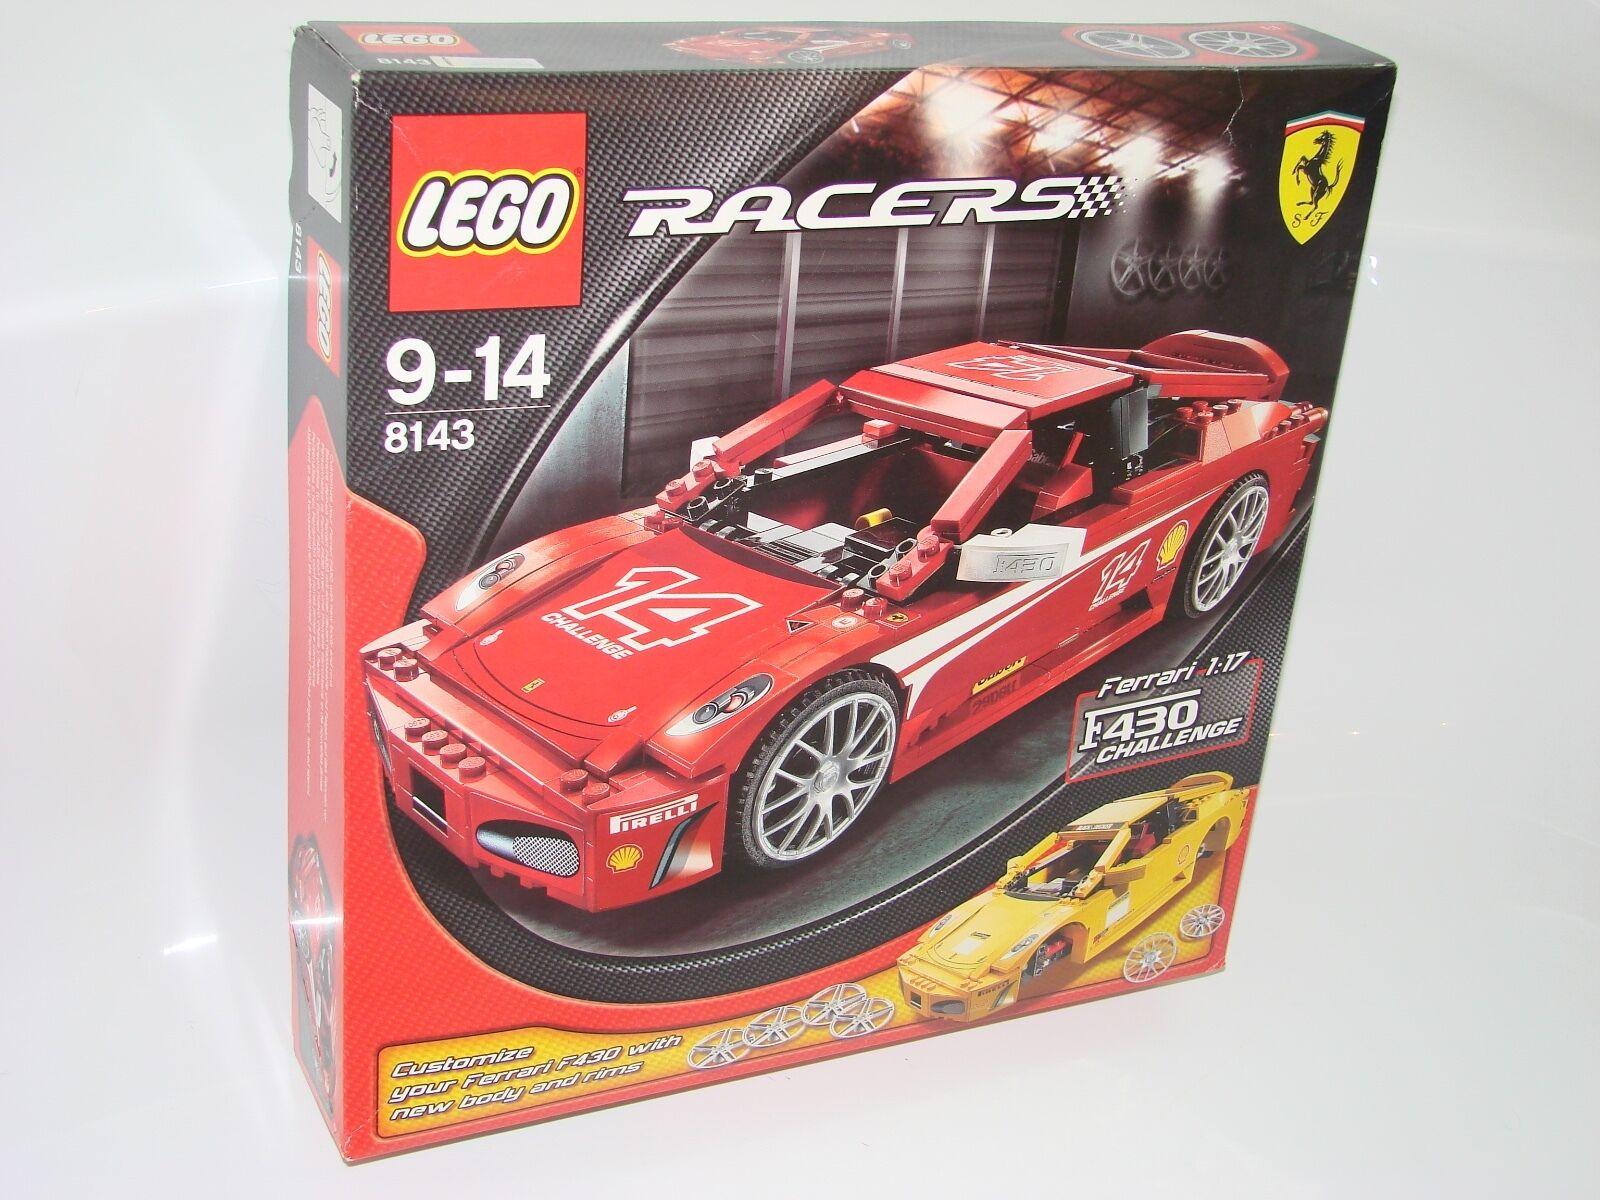 LEGO ® Racers 8143 Ferrari 1 17 f430 Challenge Neuf neuf dans sa boîte NEW En parfait état, dans sa boîte scellée Boîte d'origine jamais ouverte